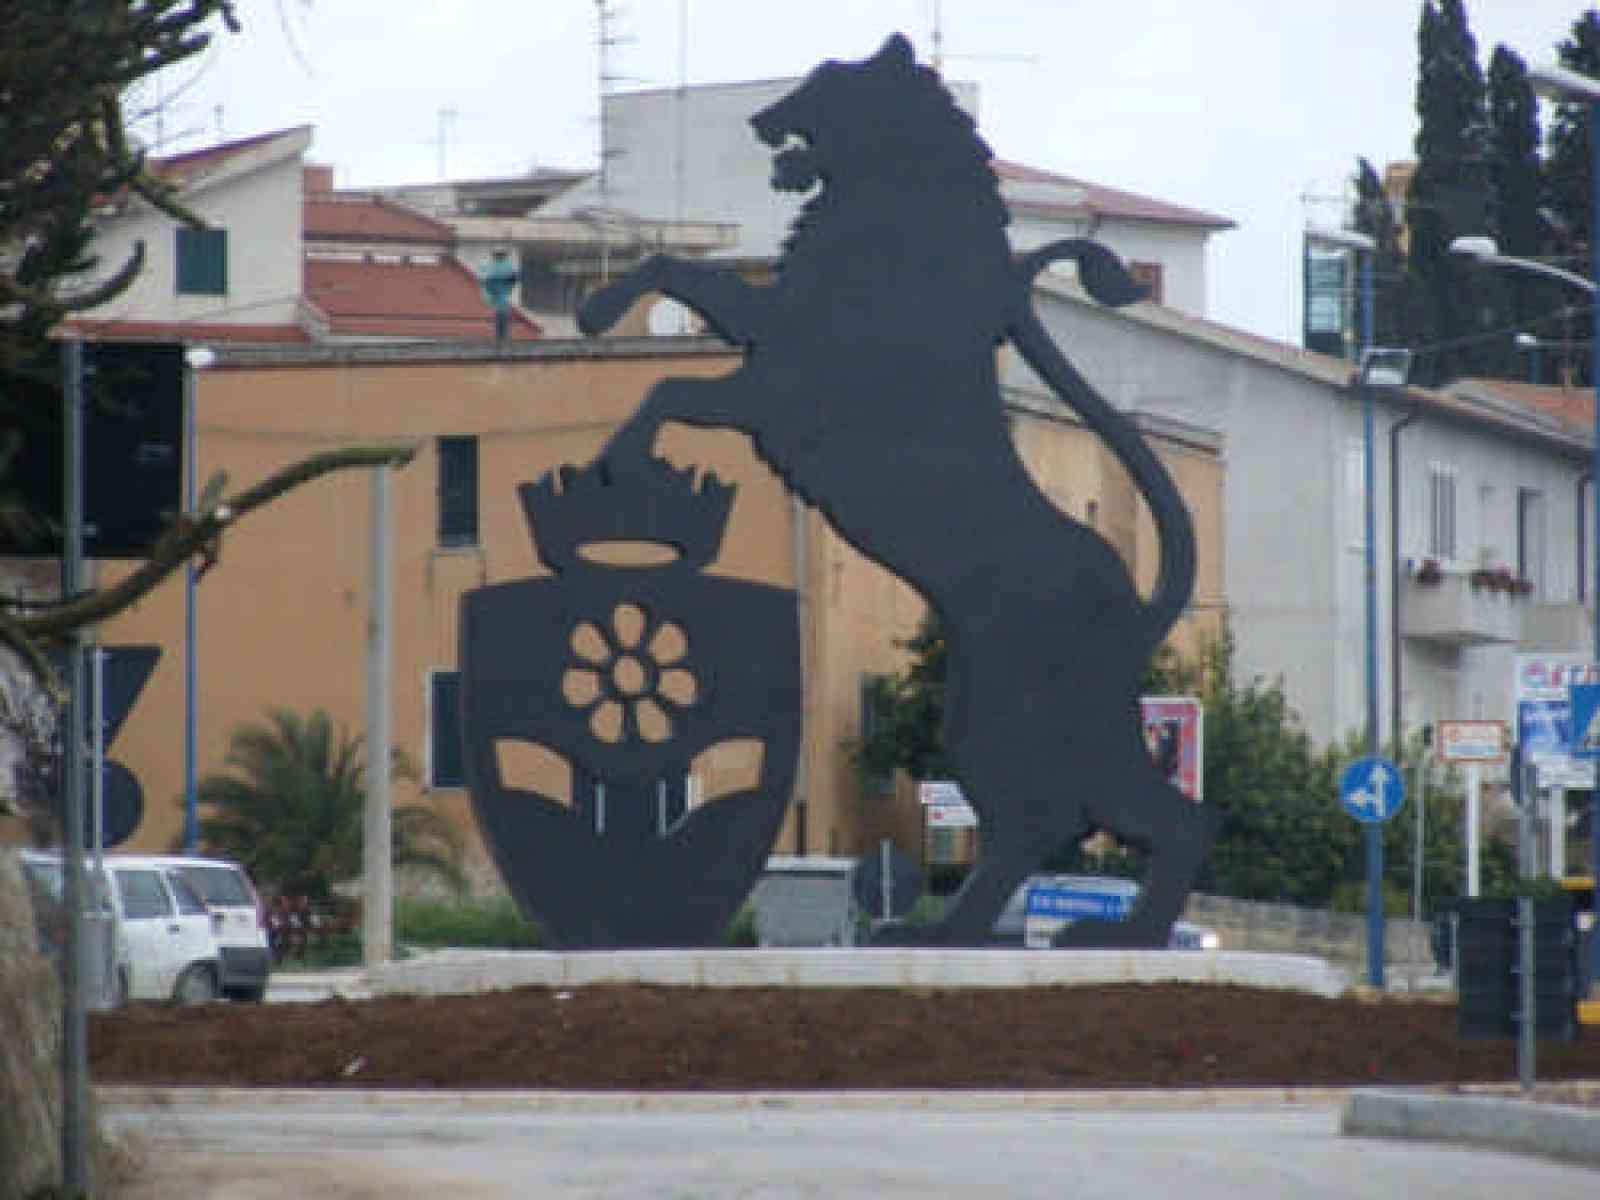 Santa Margherita. approvato il bilancio di previsione 2016-2018. Critica la minoranza